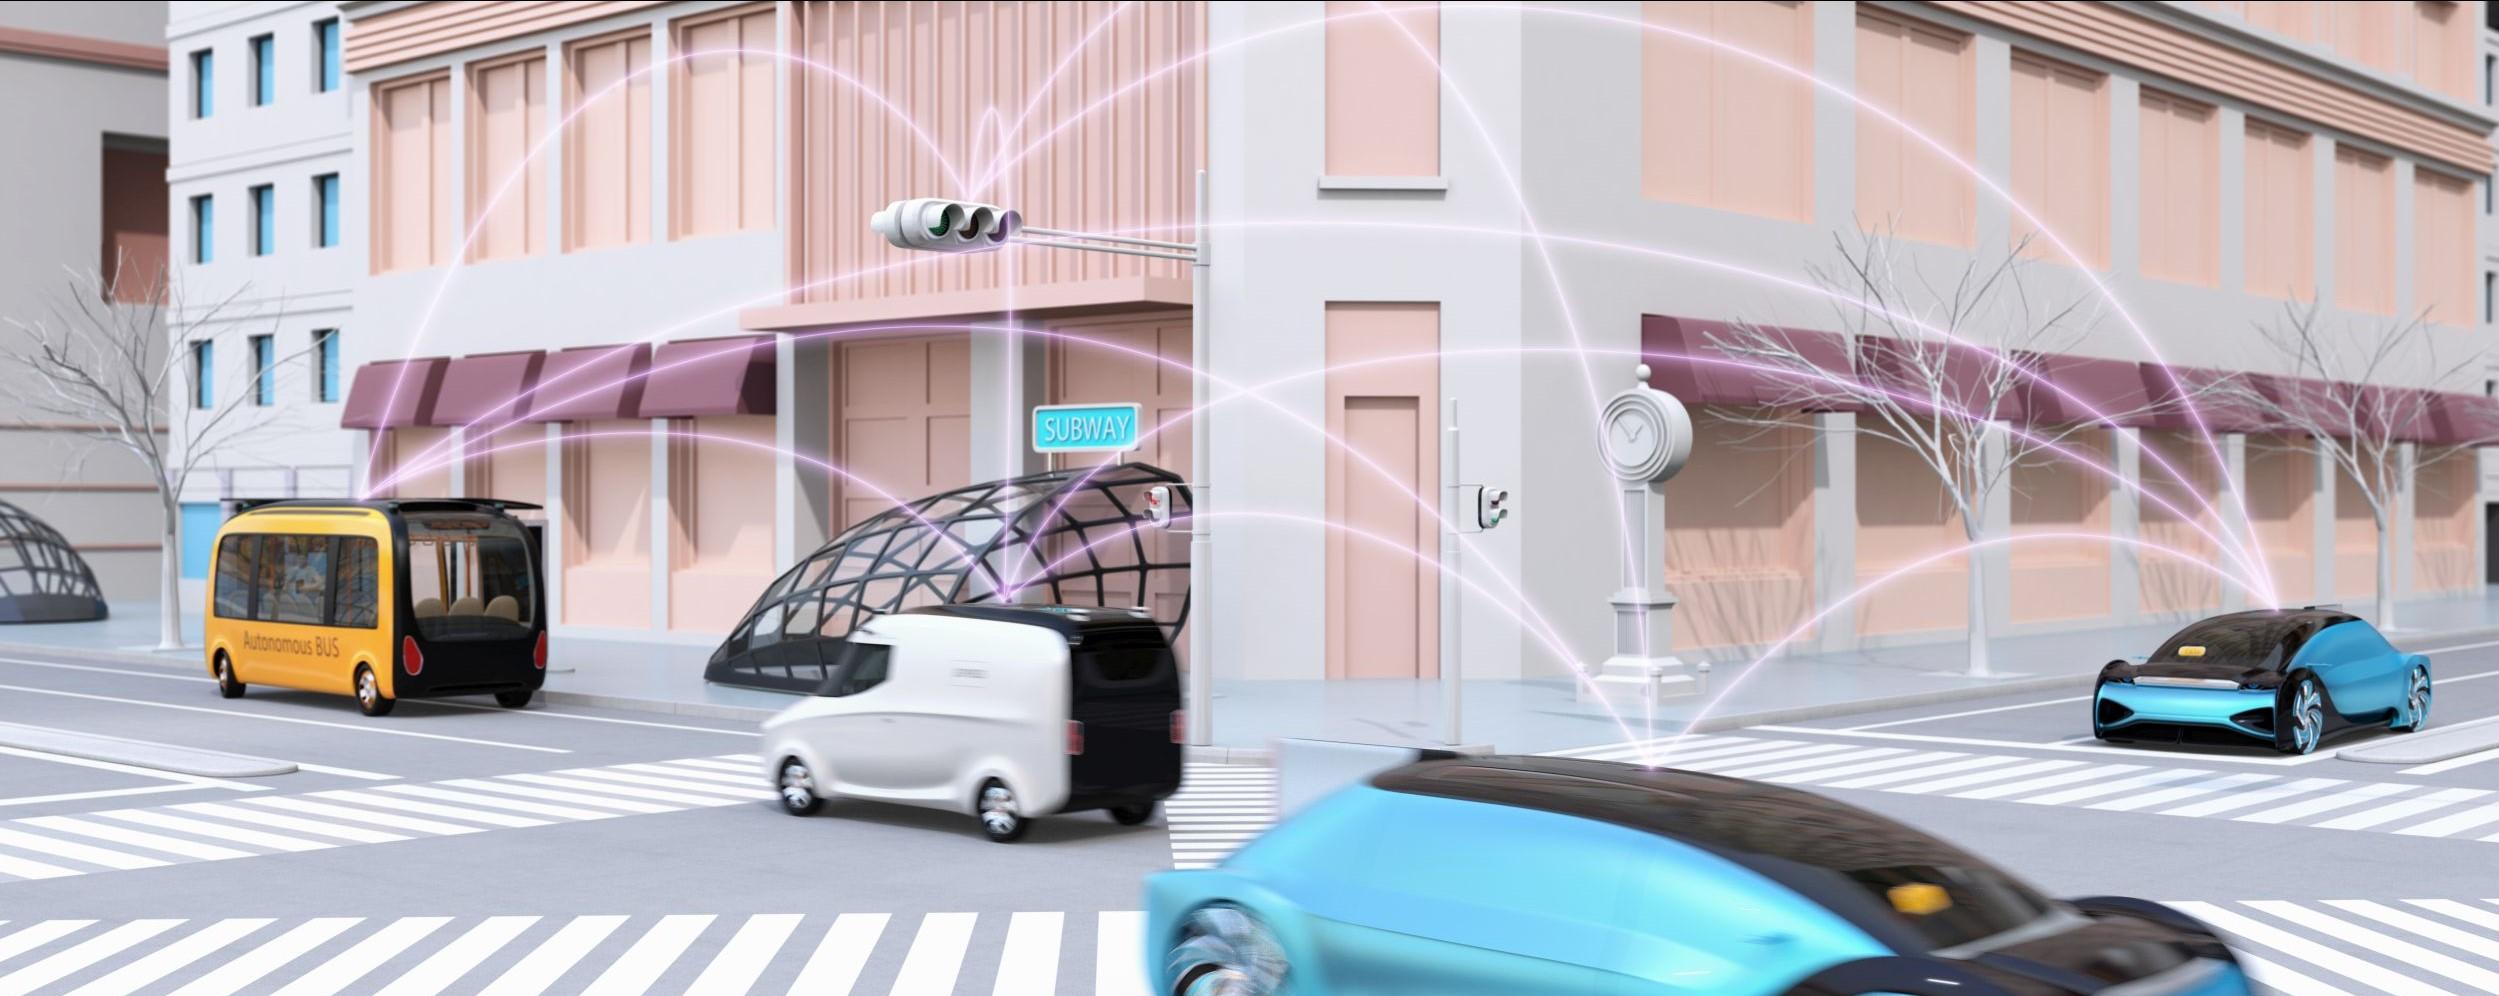 Verbundene futuristische Fahrzeuge in einer Smart City